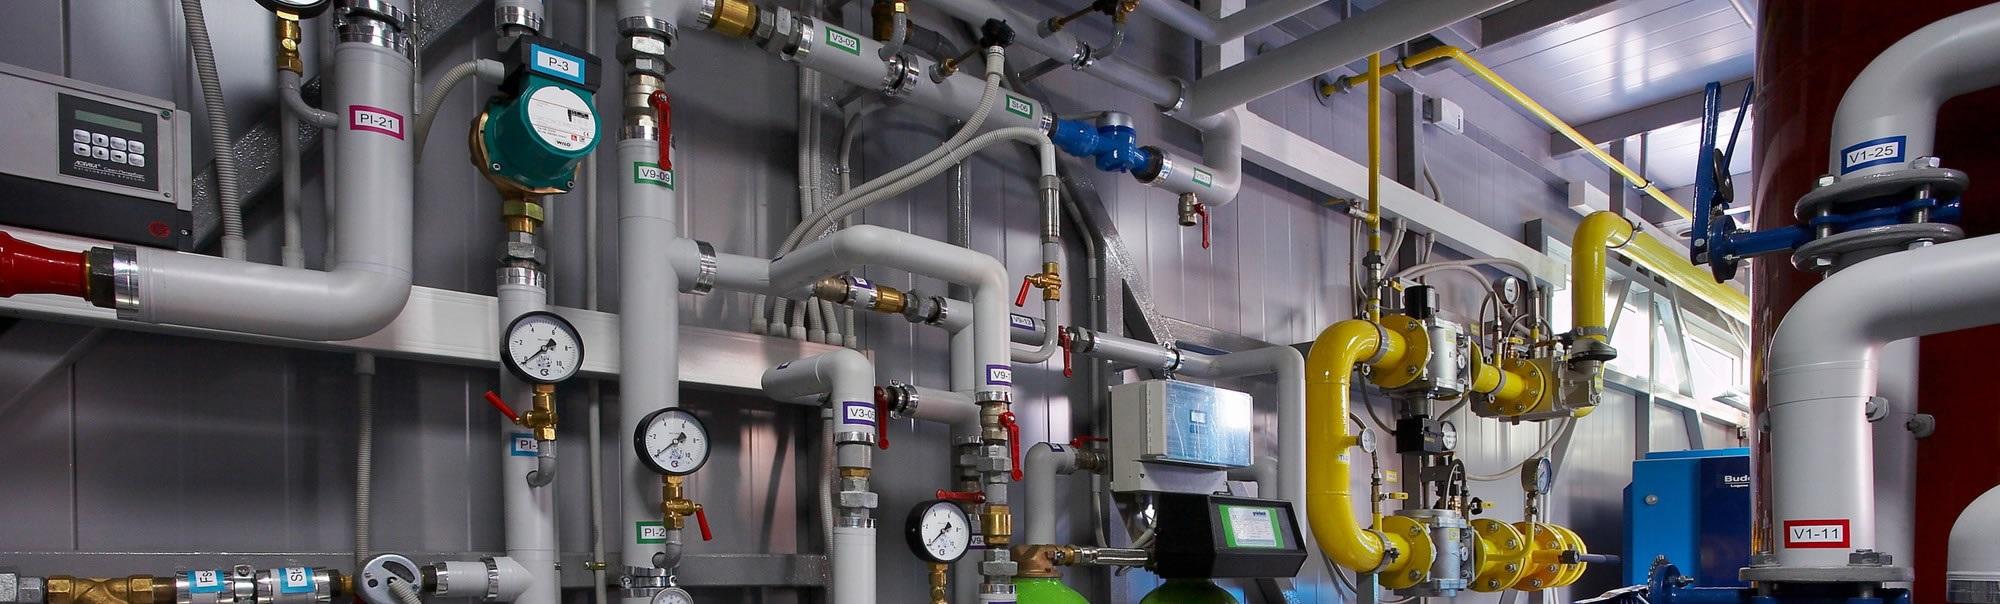 Автоматизация ЦТП и диспетчеризация системы теплоснабжения